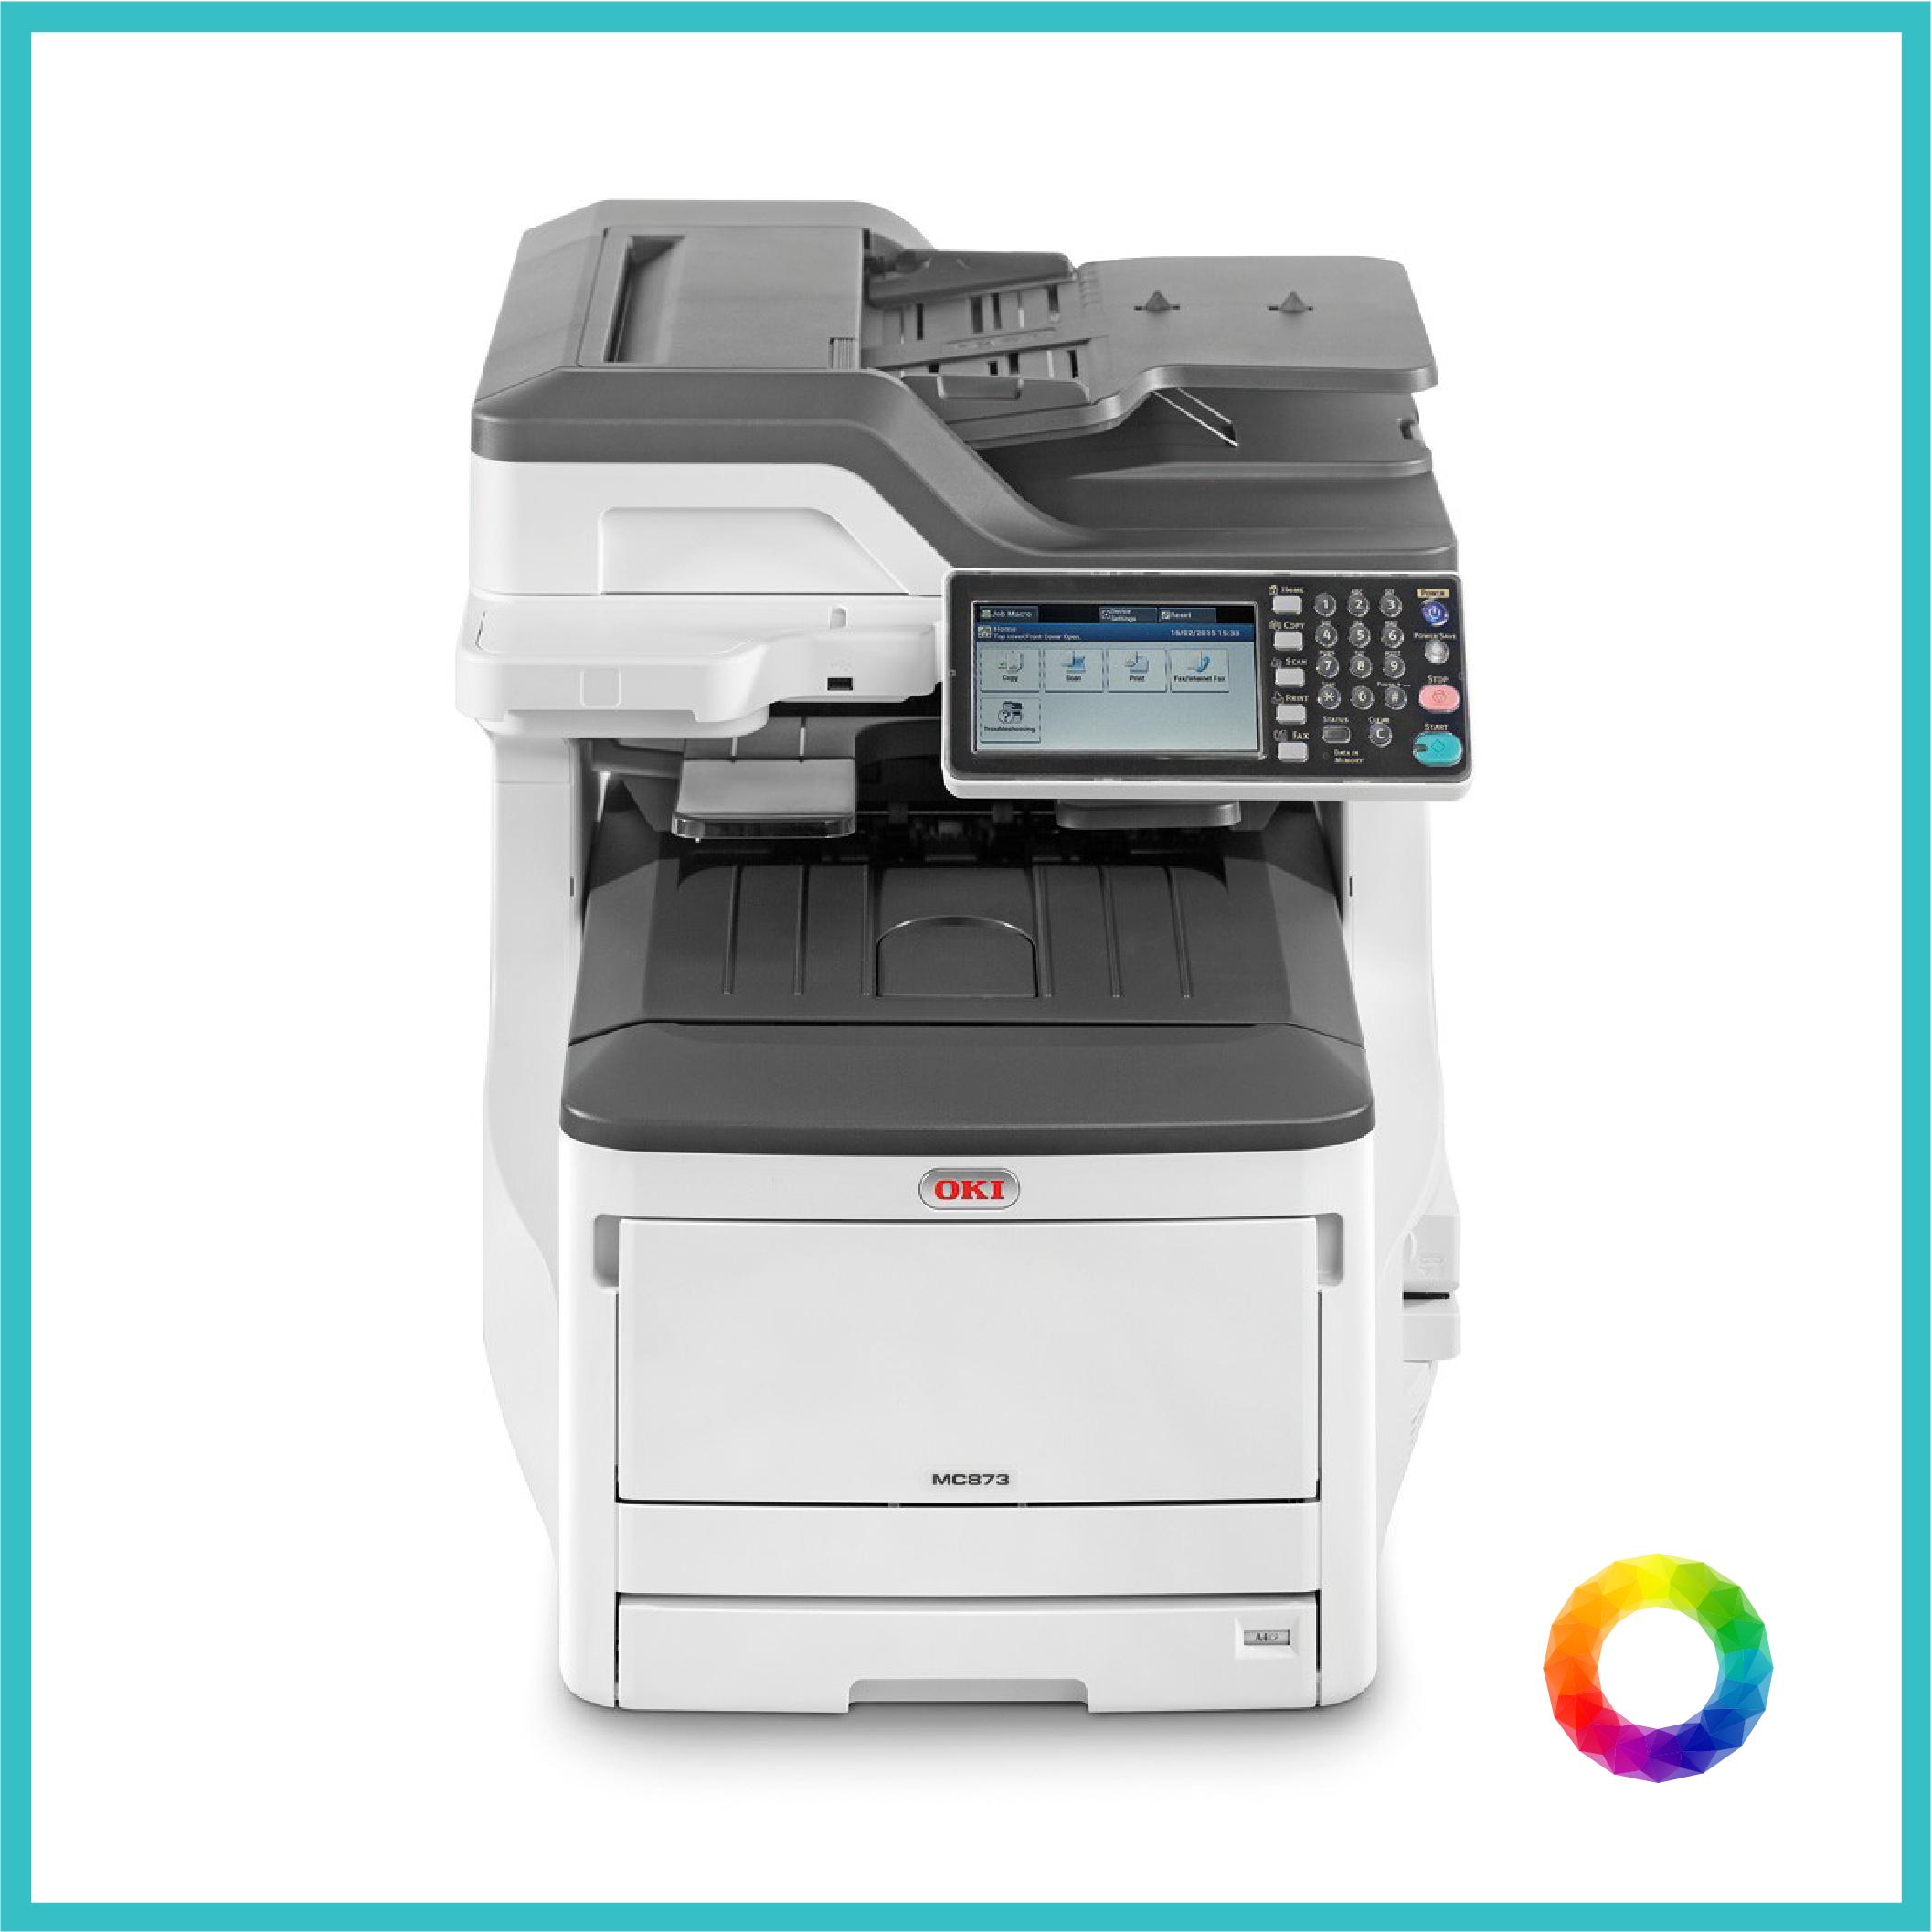 multipurpose OKI ES8473 photocopier